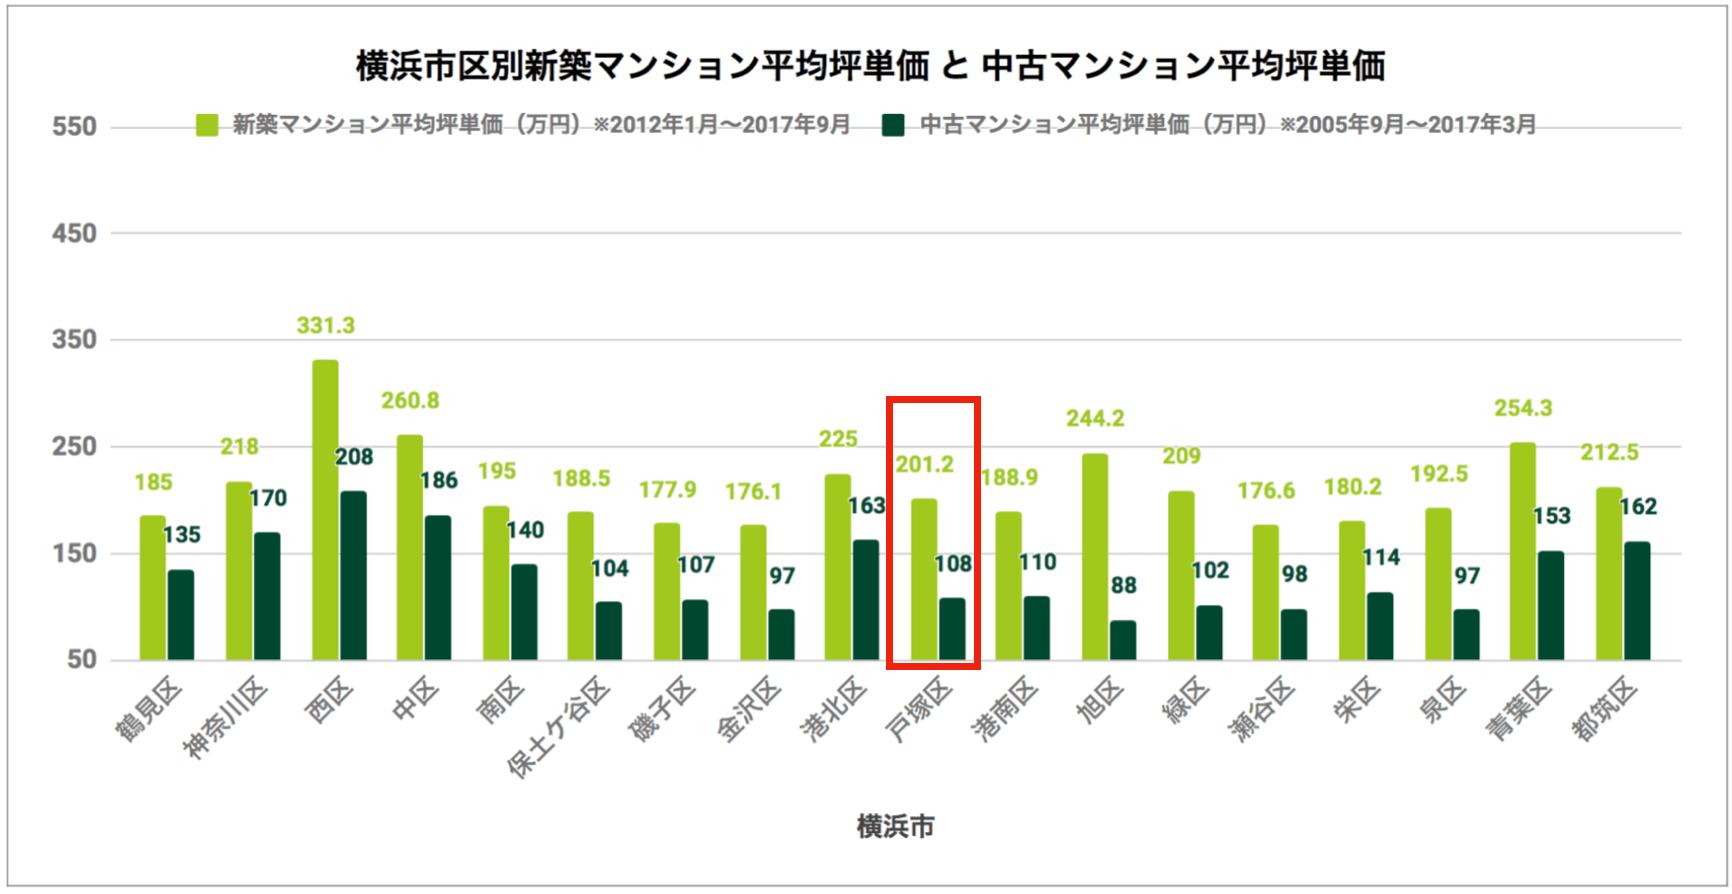 横浜市区別「新築マンション平均坪単価と中古マンション平均坪単価」